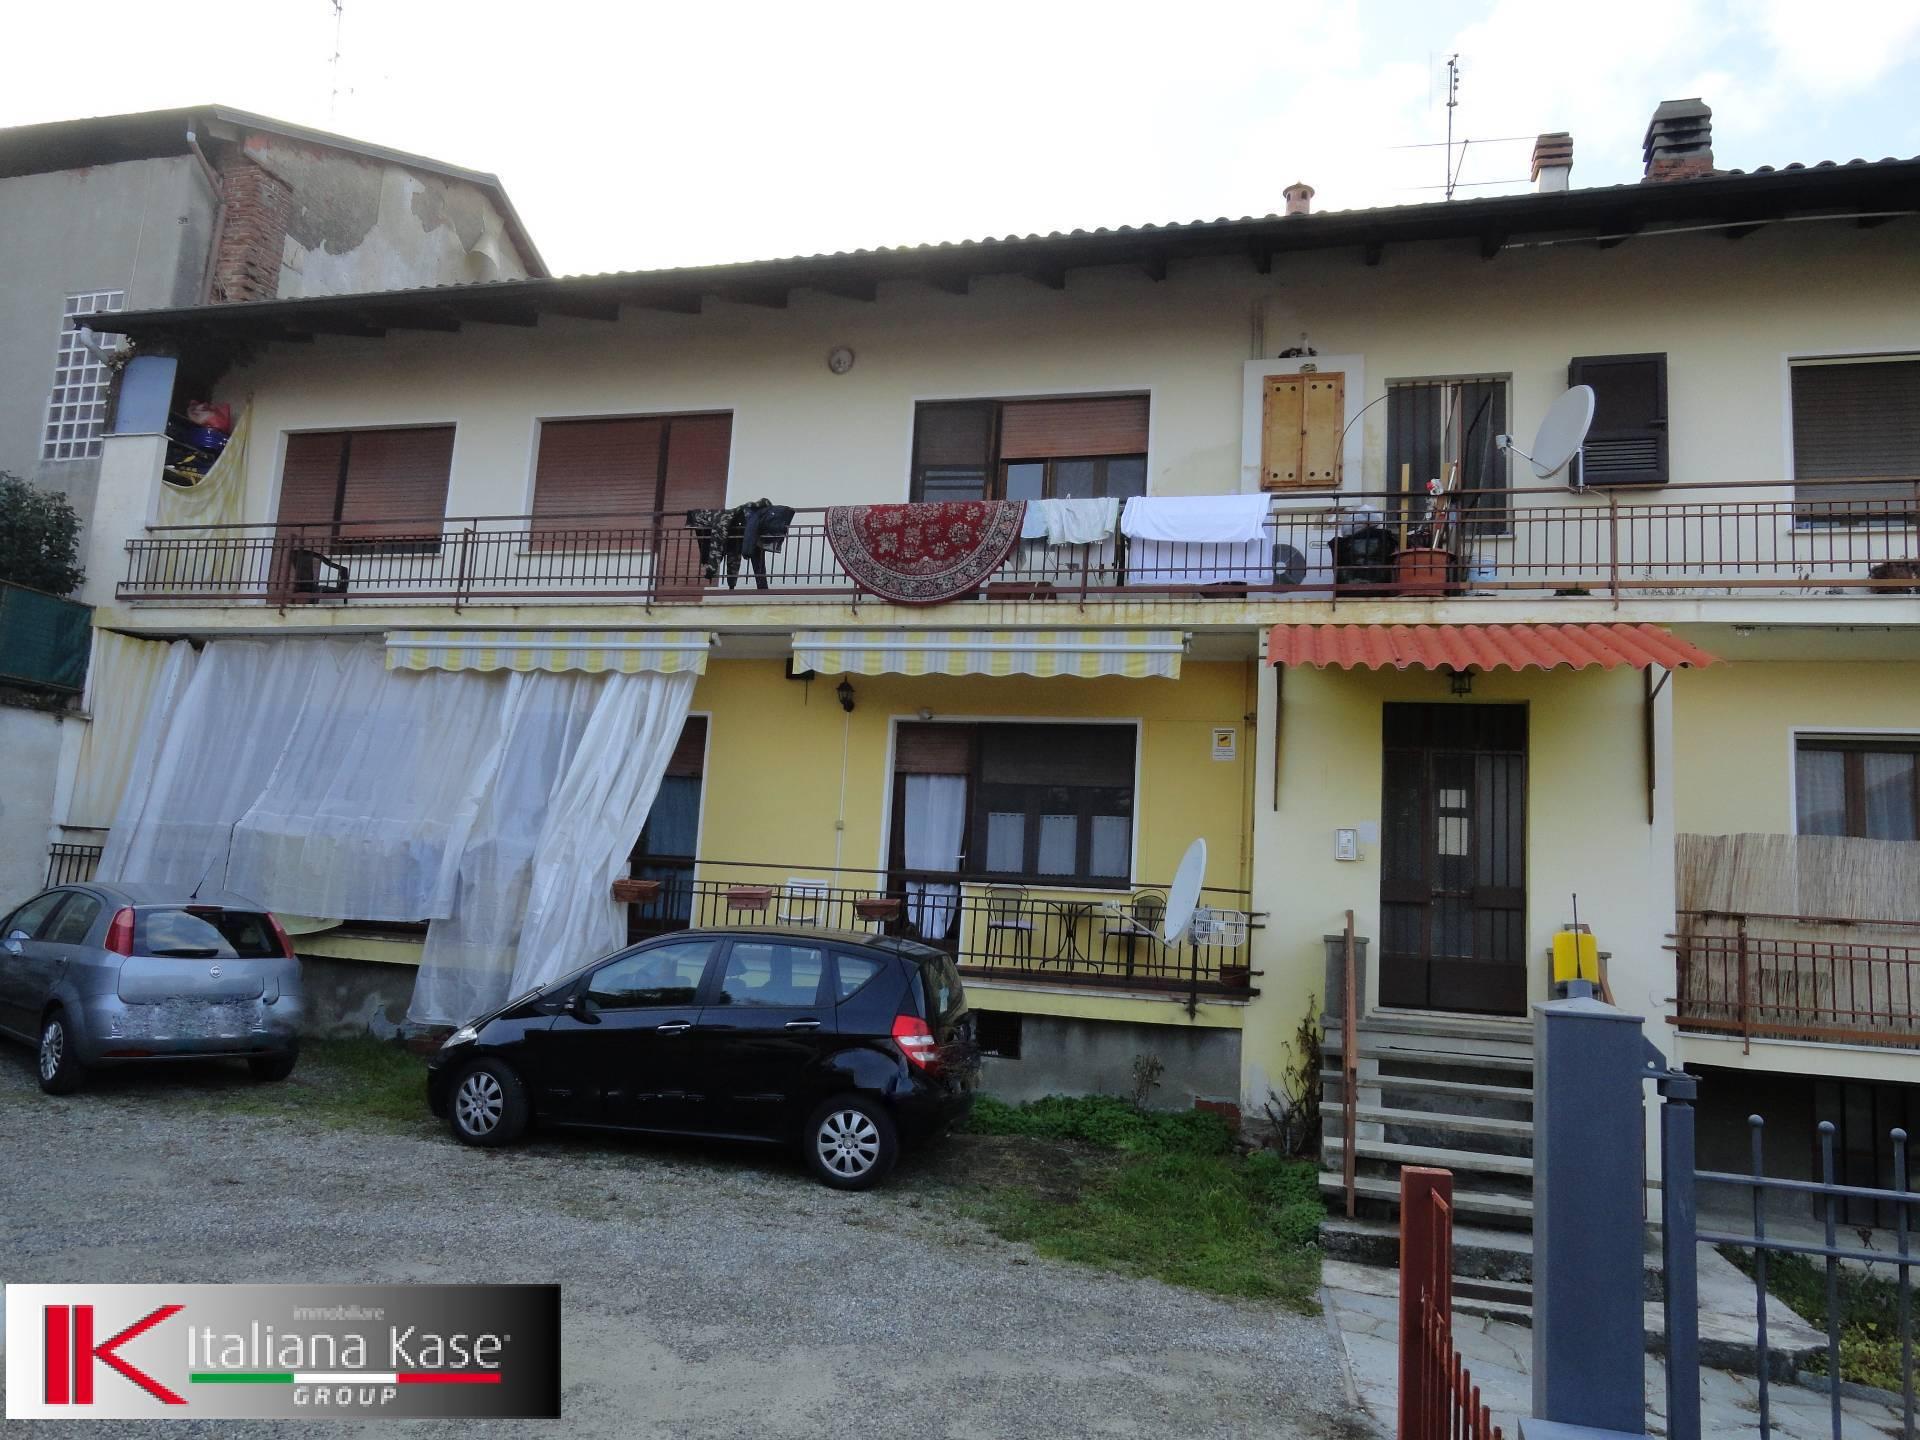 Appartamento in vendita a Candia Canavese, 4 locali, zona Località: CandiaCanavese, prezzo € 50.000   PortaleAgenzieImmobiliari.it